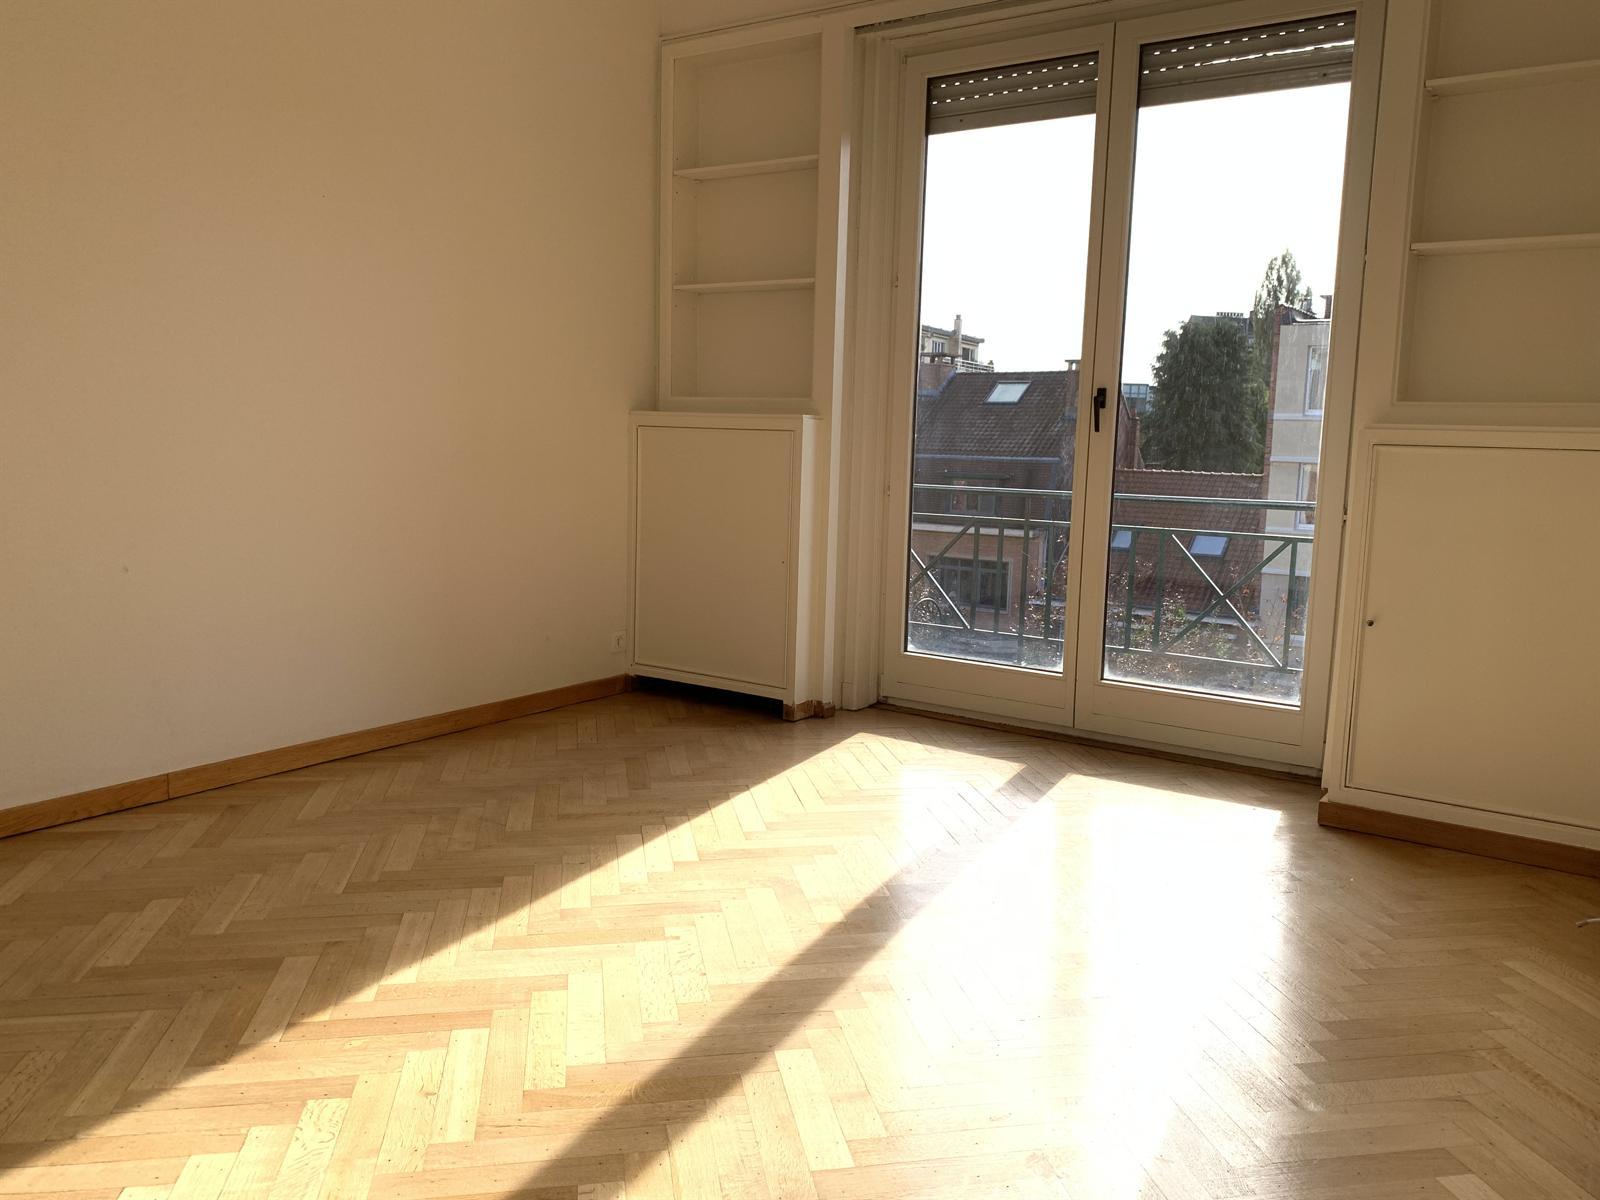 Flat - Bruxelles - #4527837-12